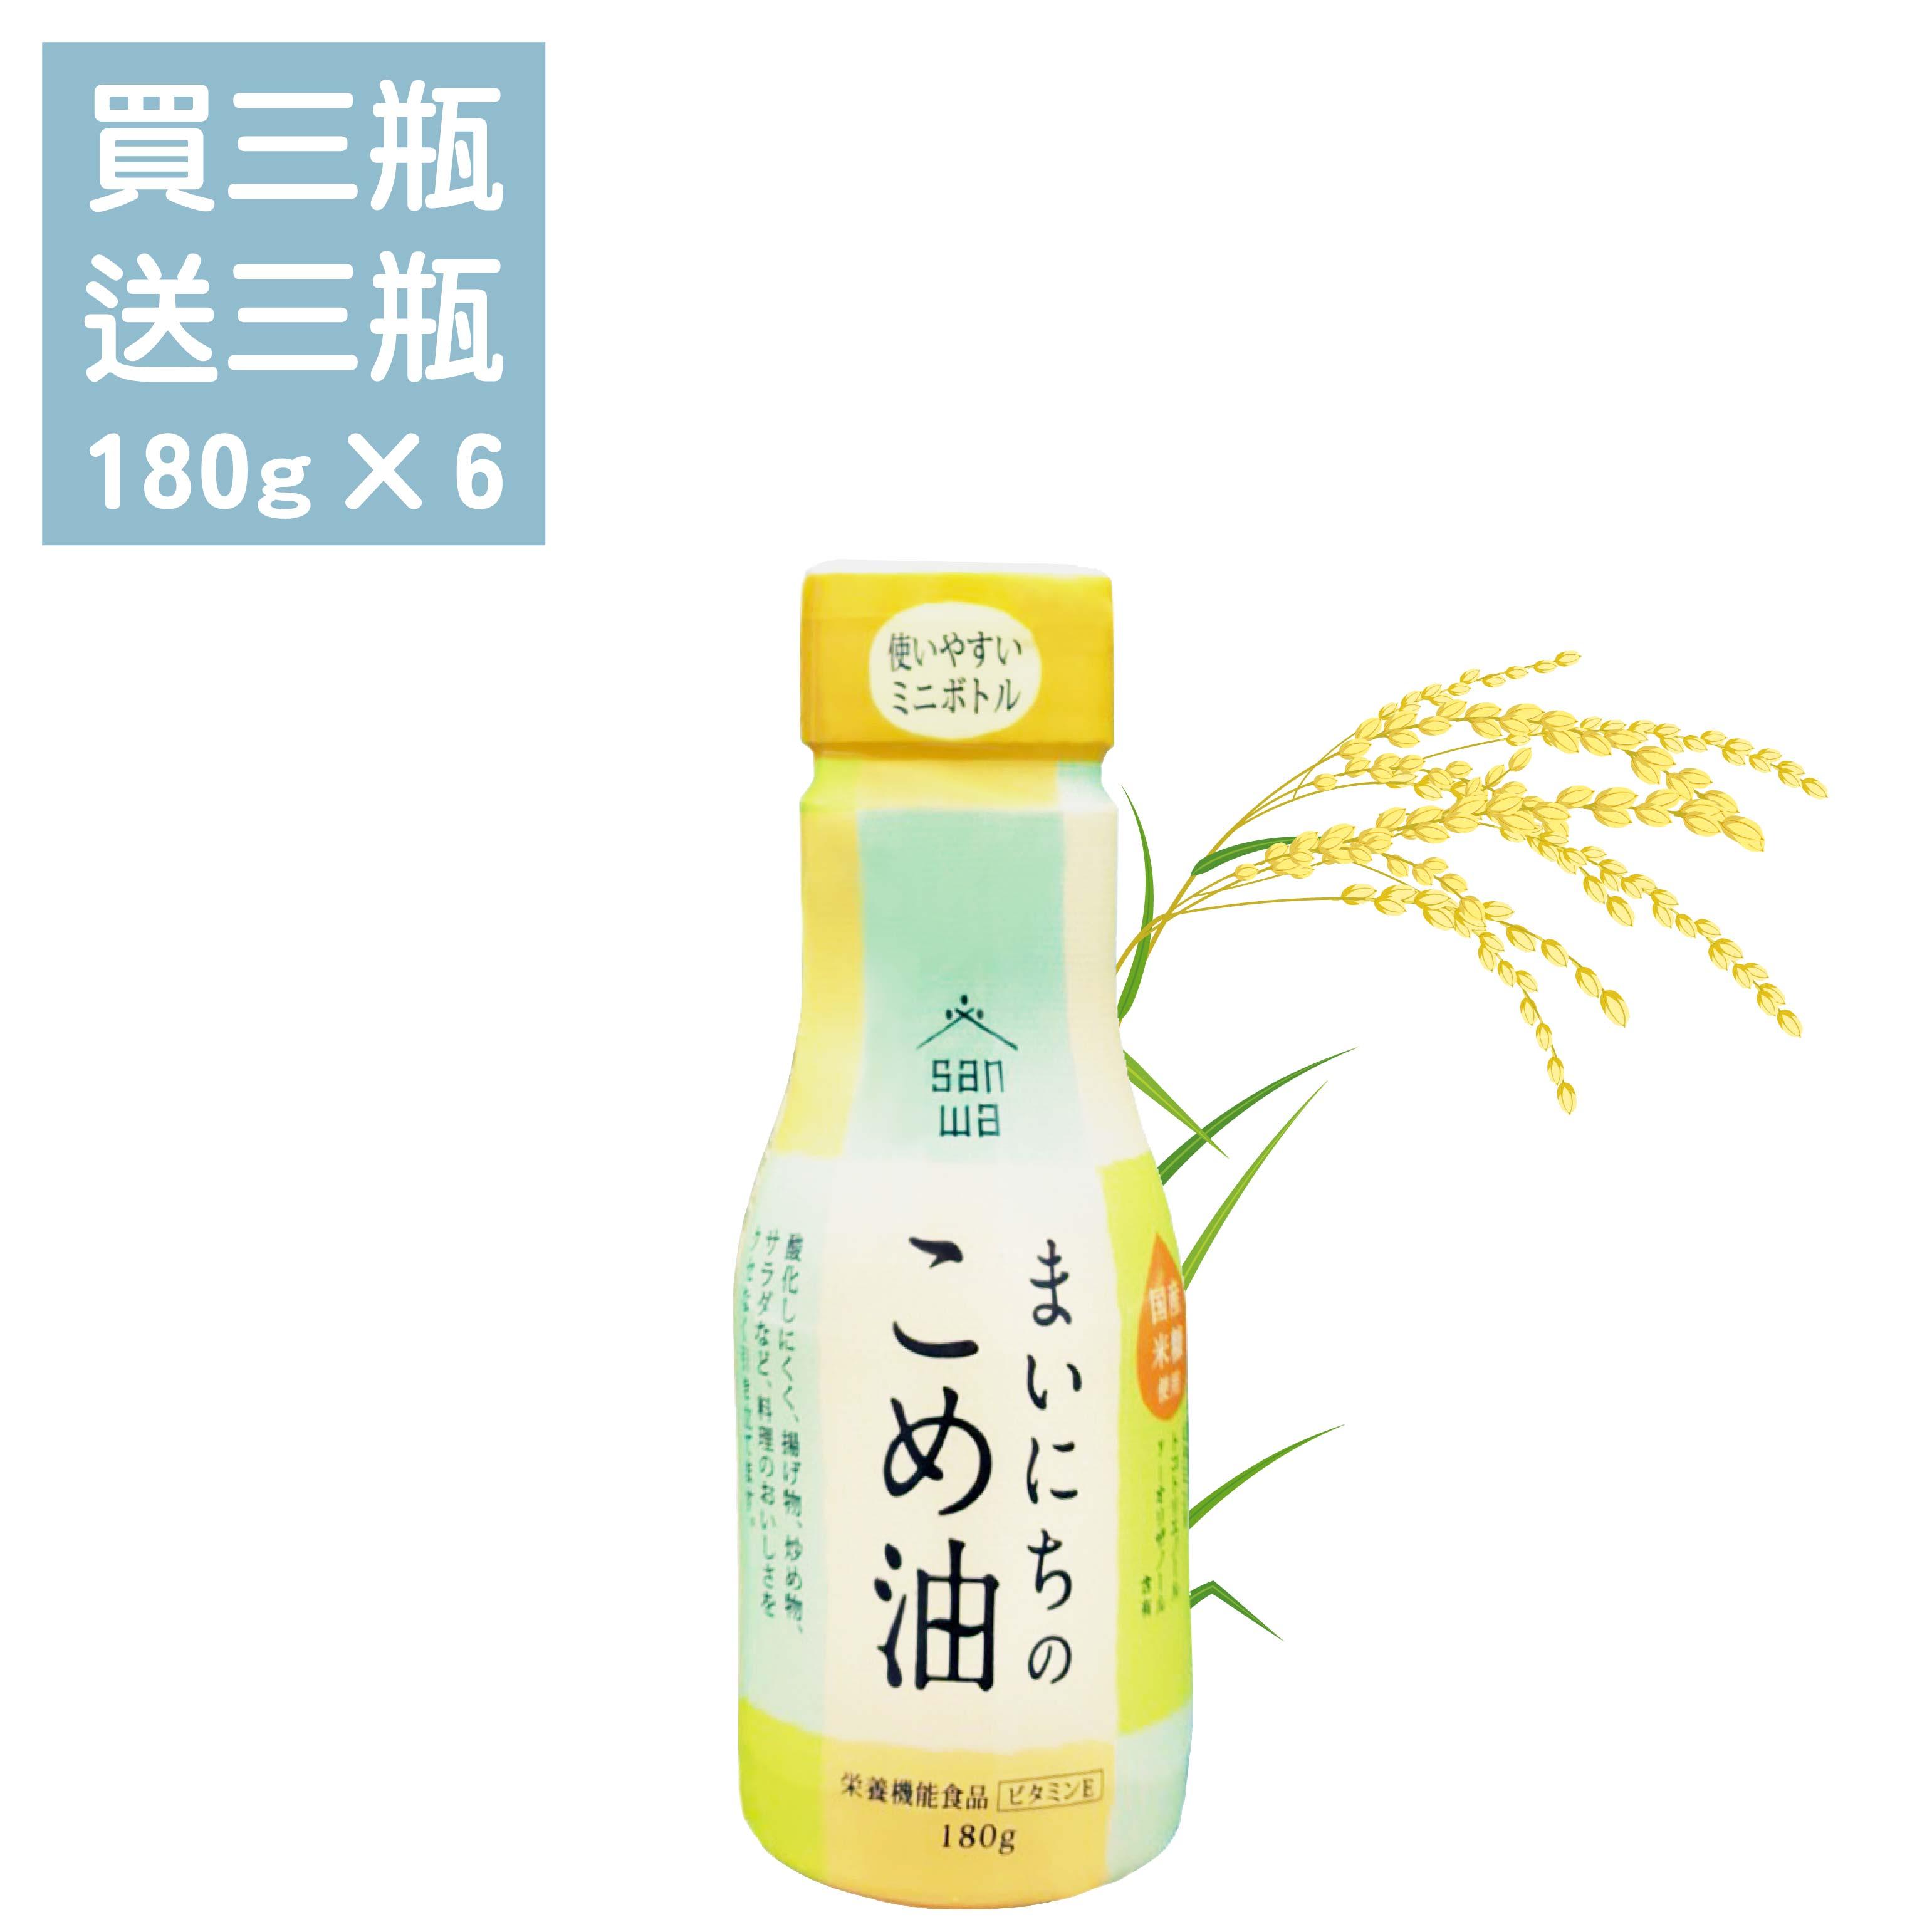 【森活館】買三送三 日本NO.1三和玄米油180g 6瓶入